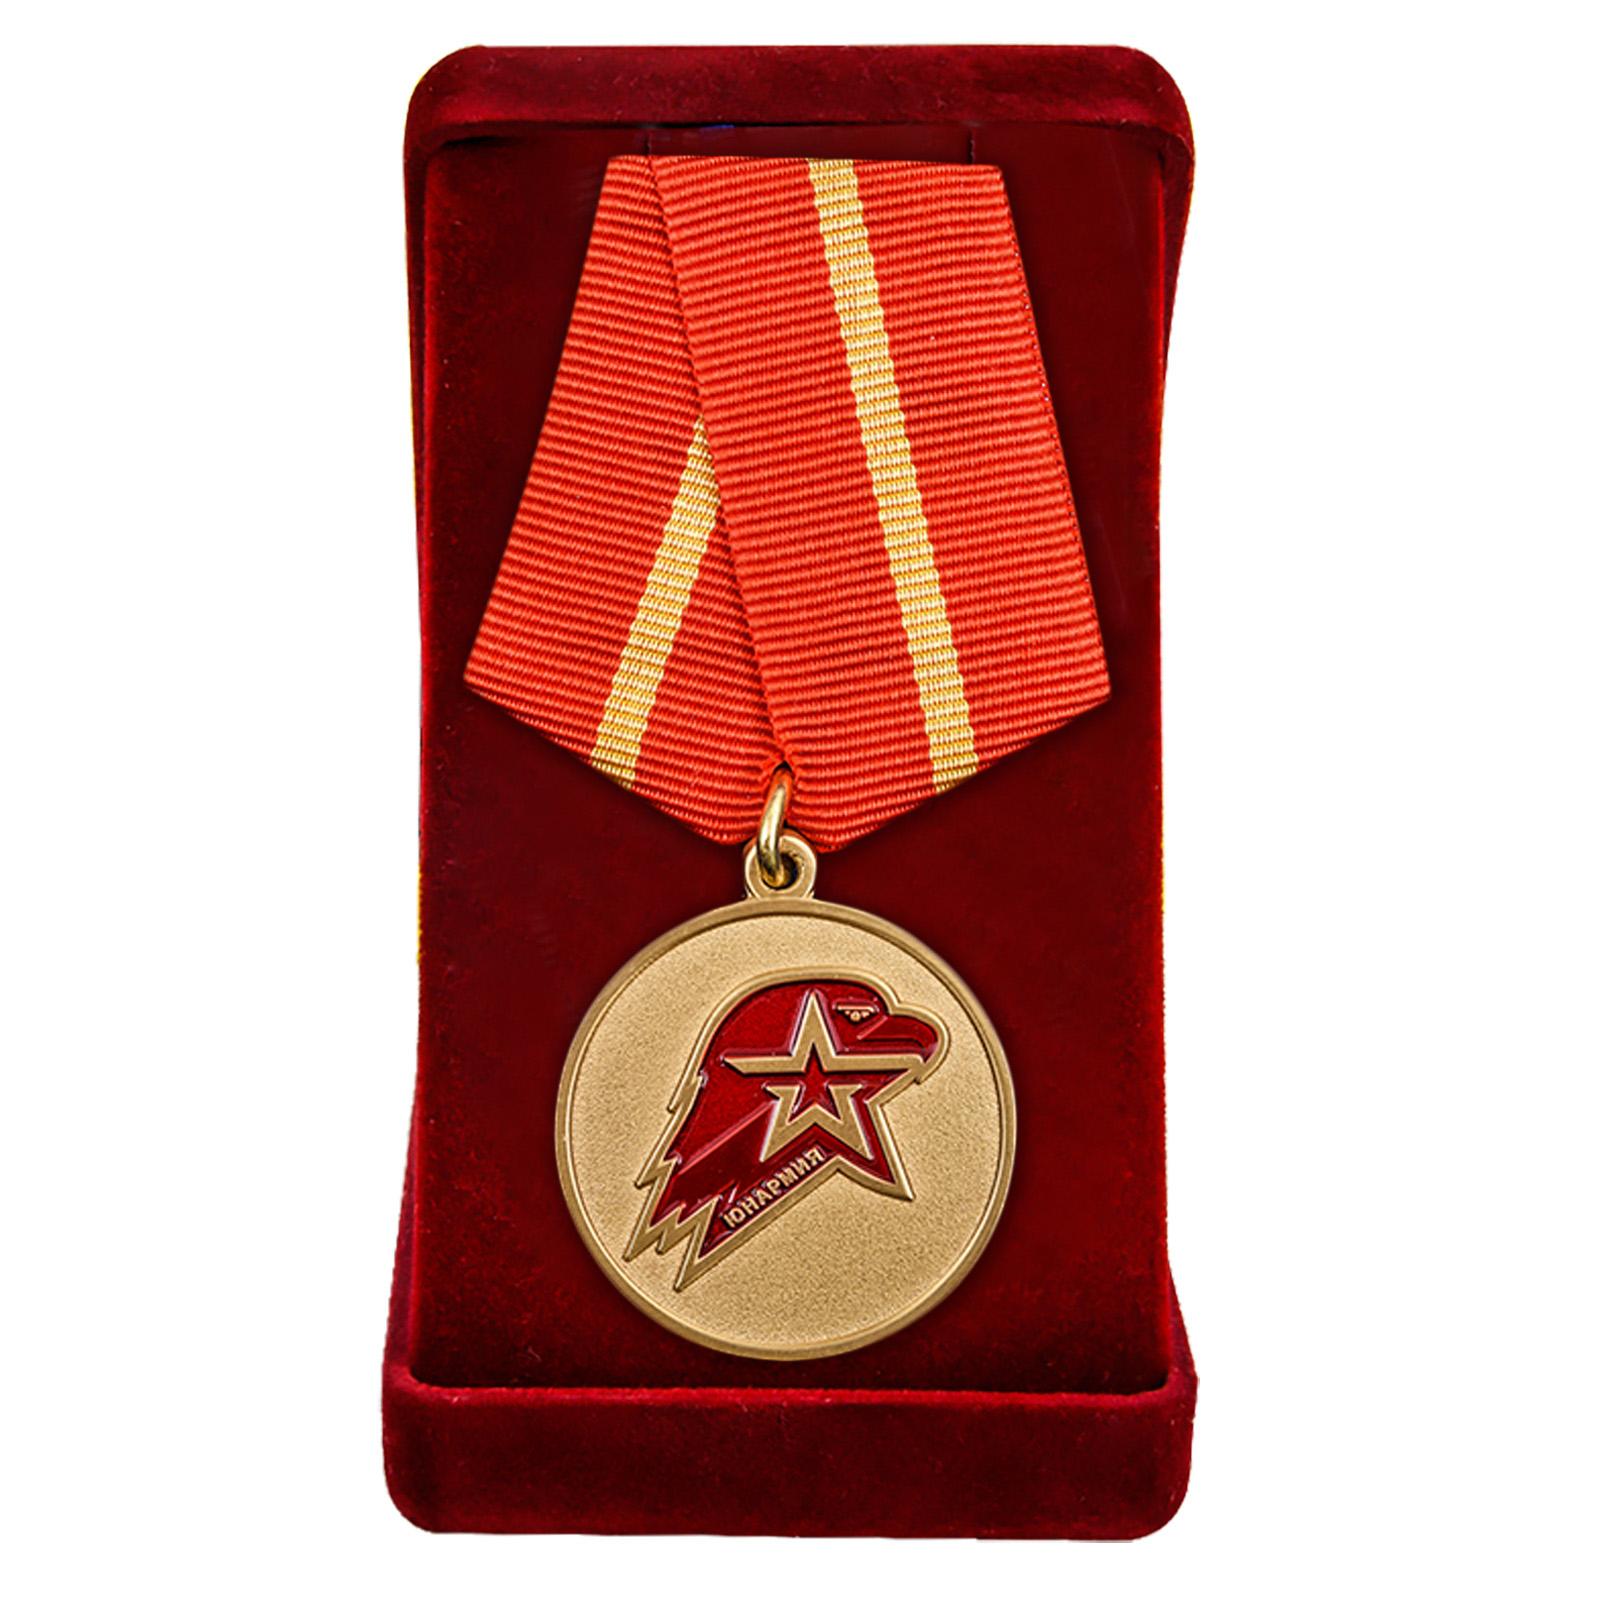 Купить памятную медаль Юнармии 1 степени оптом или в розницу